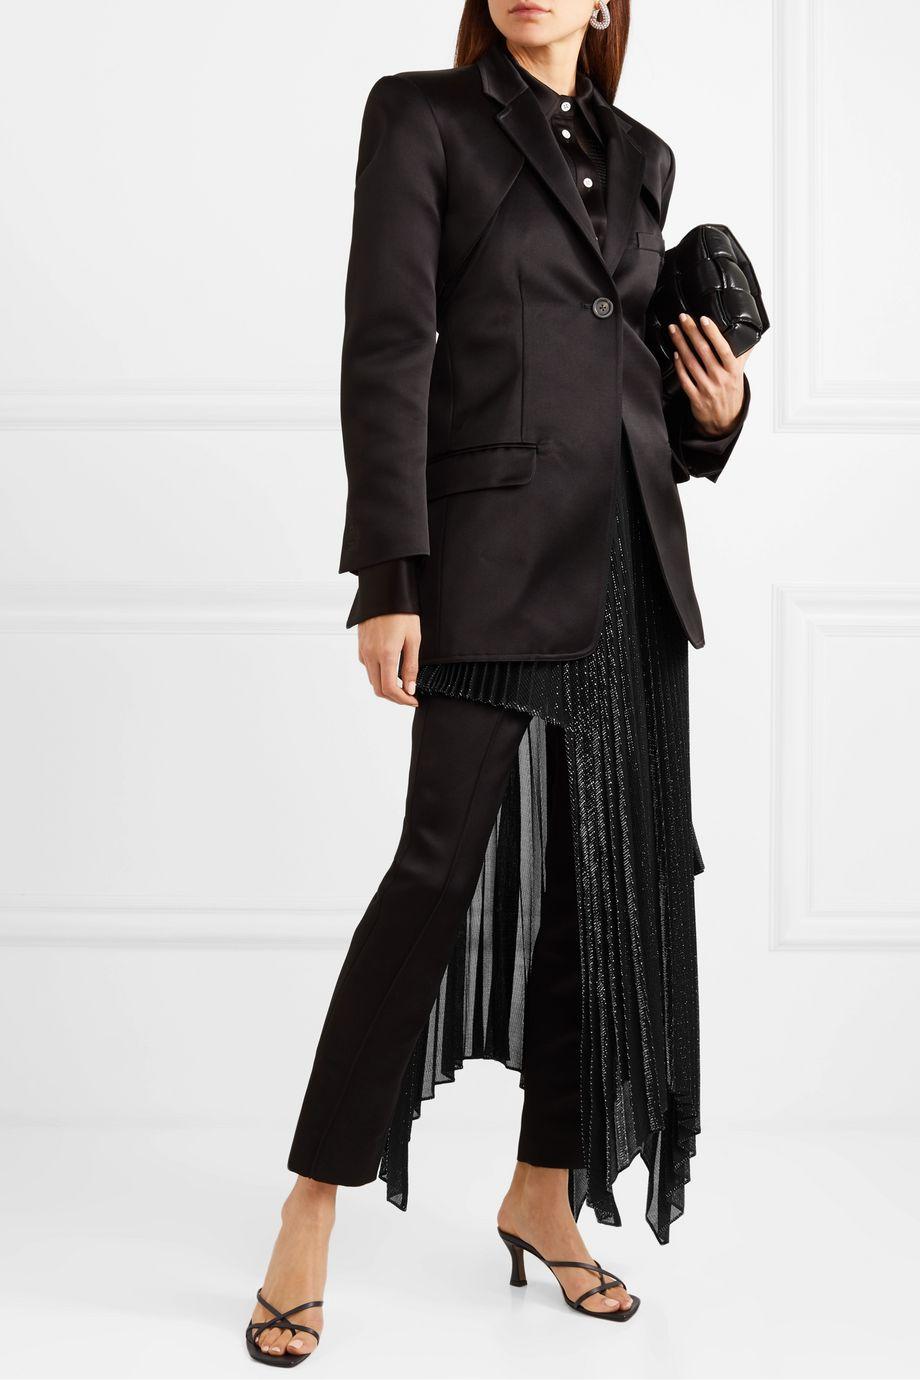 Peter Do 不对称褶裥金属感巴里纱半身裙